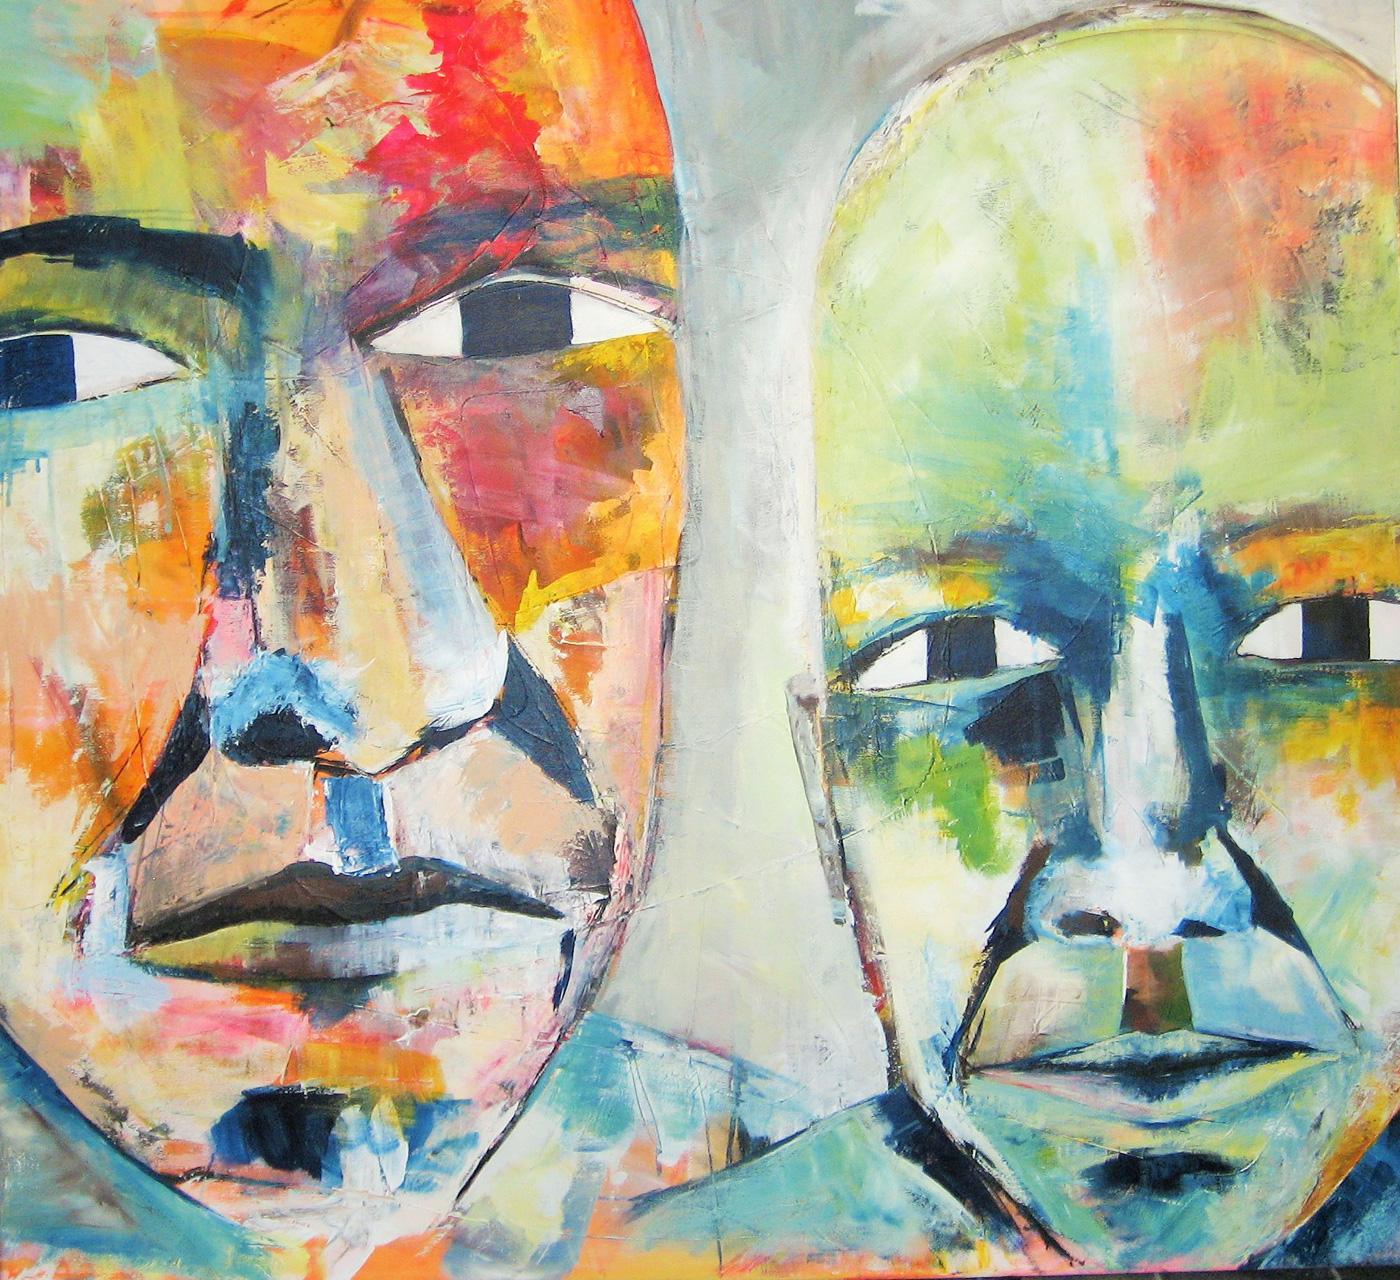 Maleri akryl på lærred ingen titel